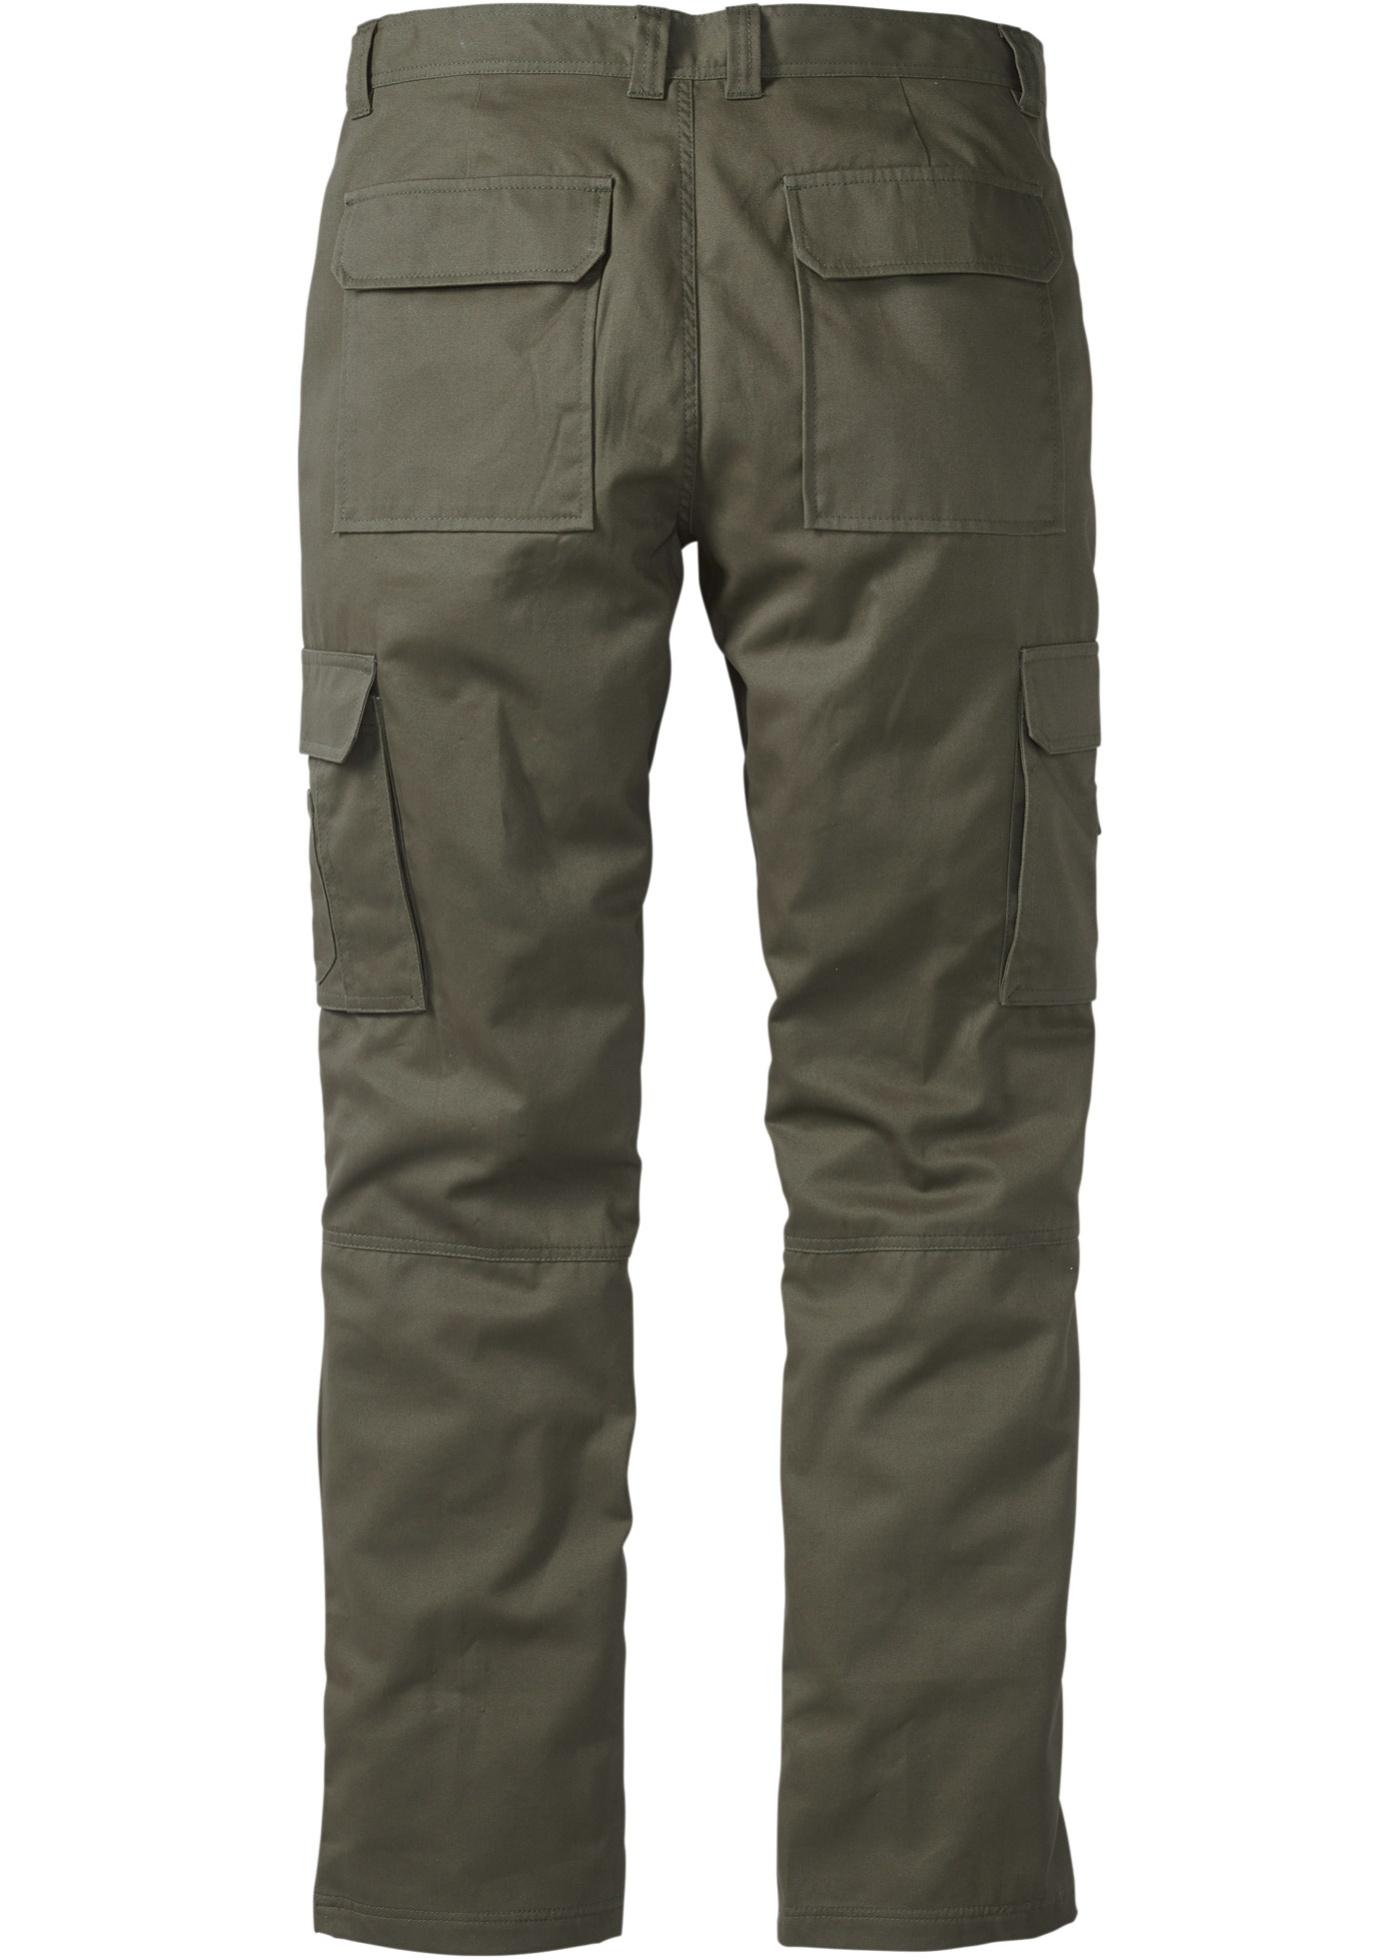 Kargo kalhoty Regular Fit Straight - Zelená